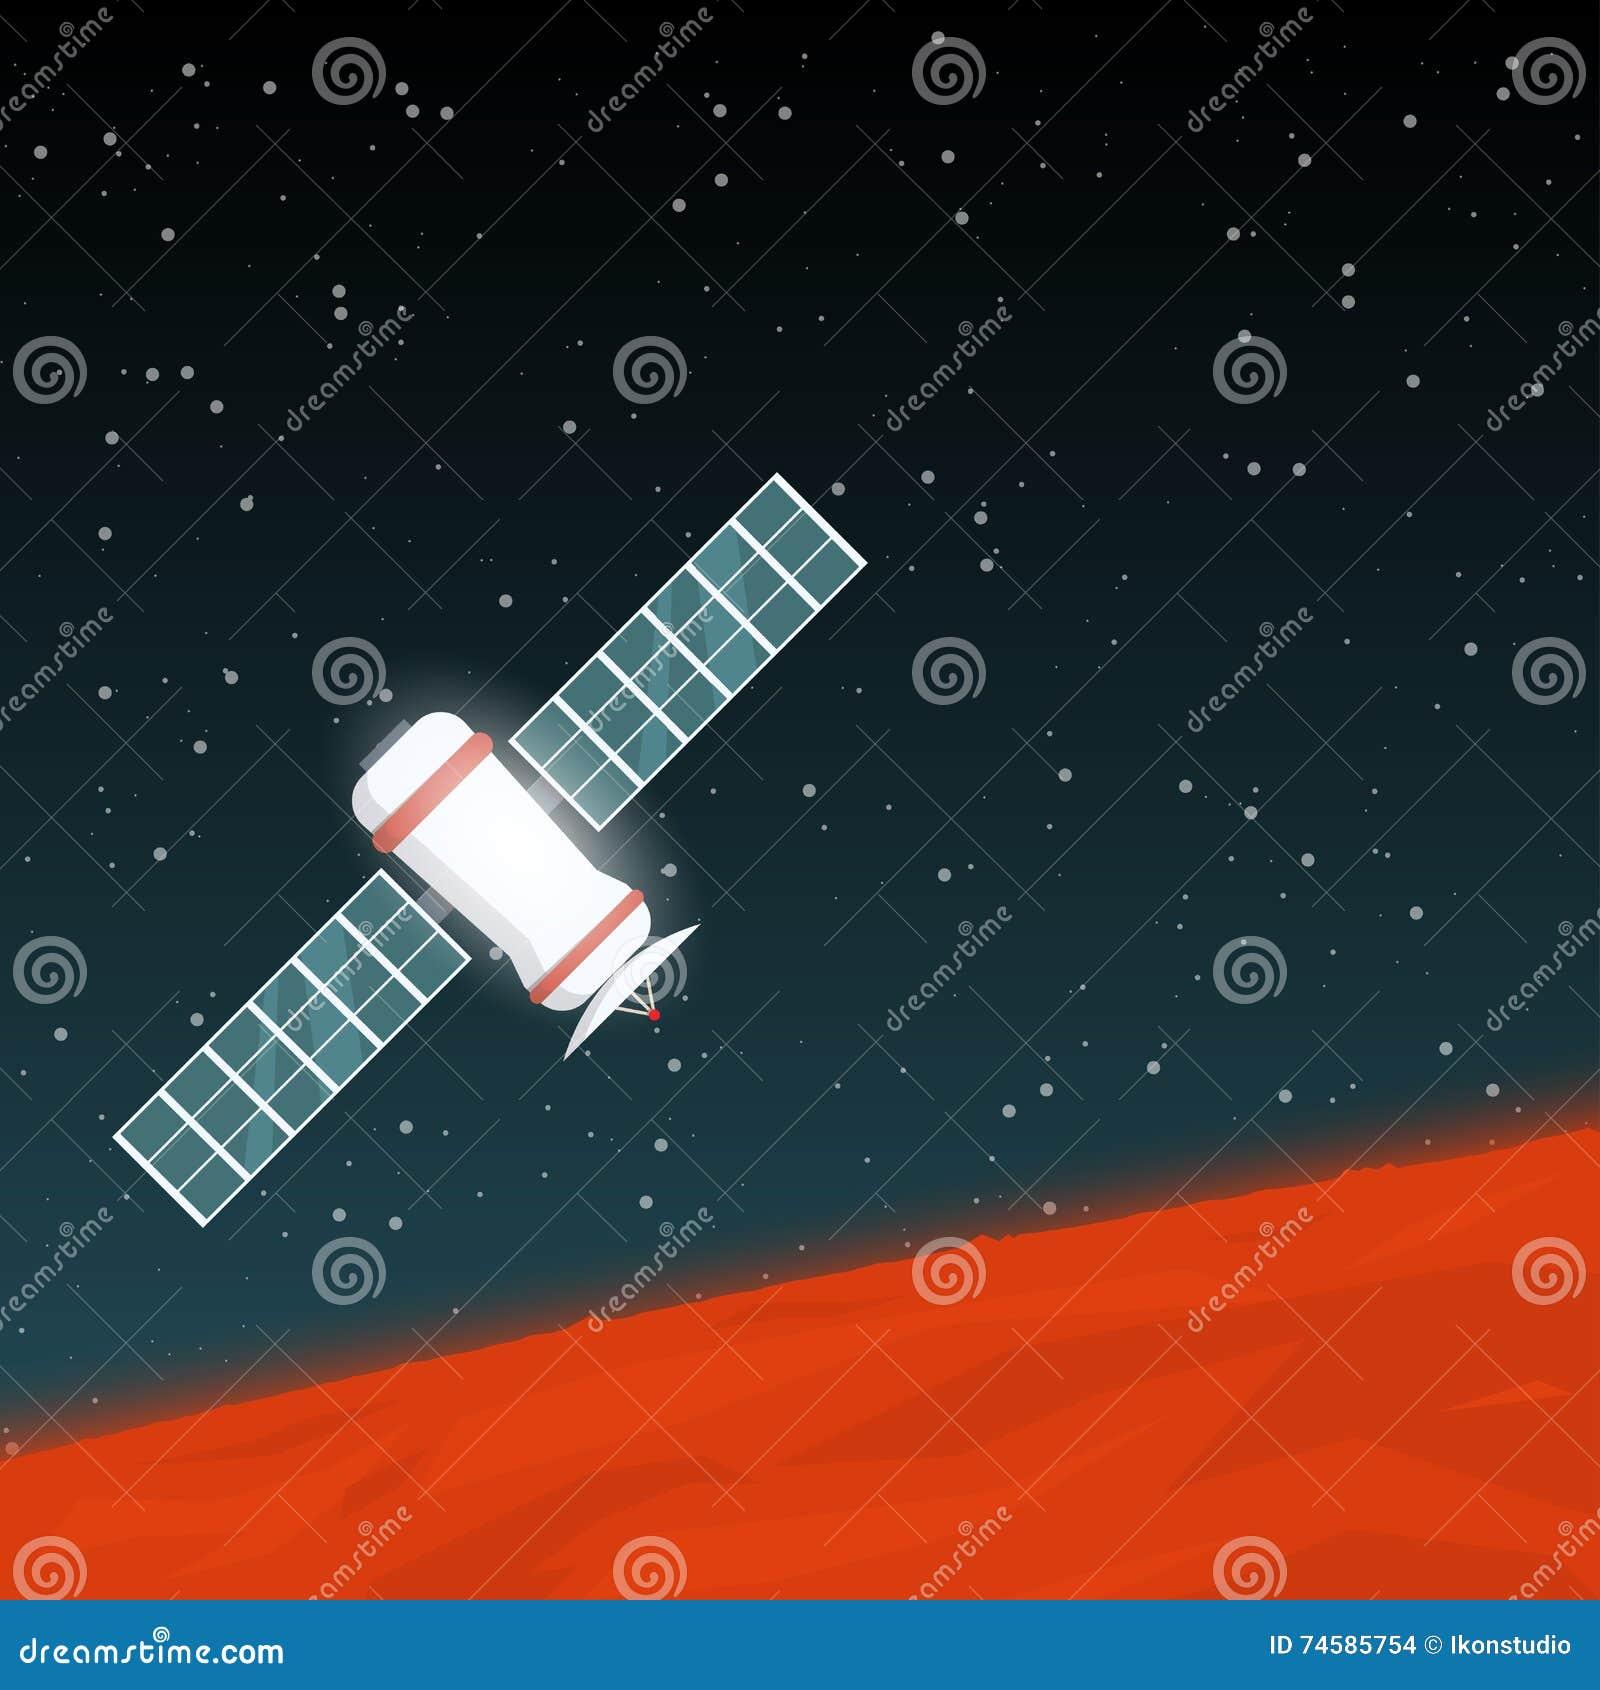 Punta de prueba de espacio de Marte